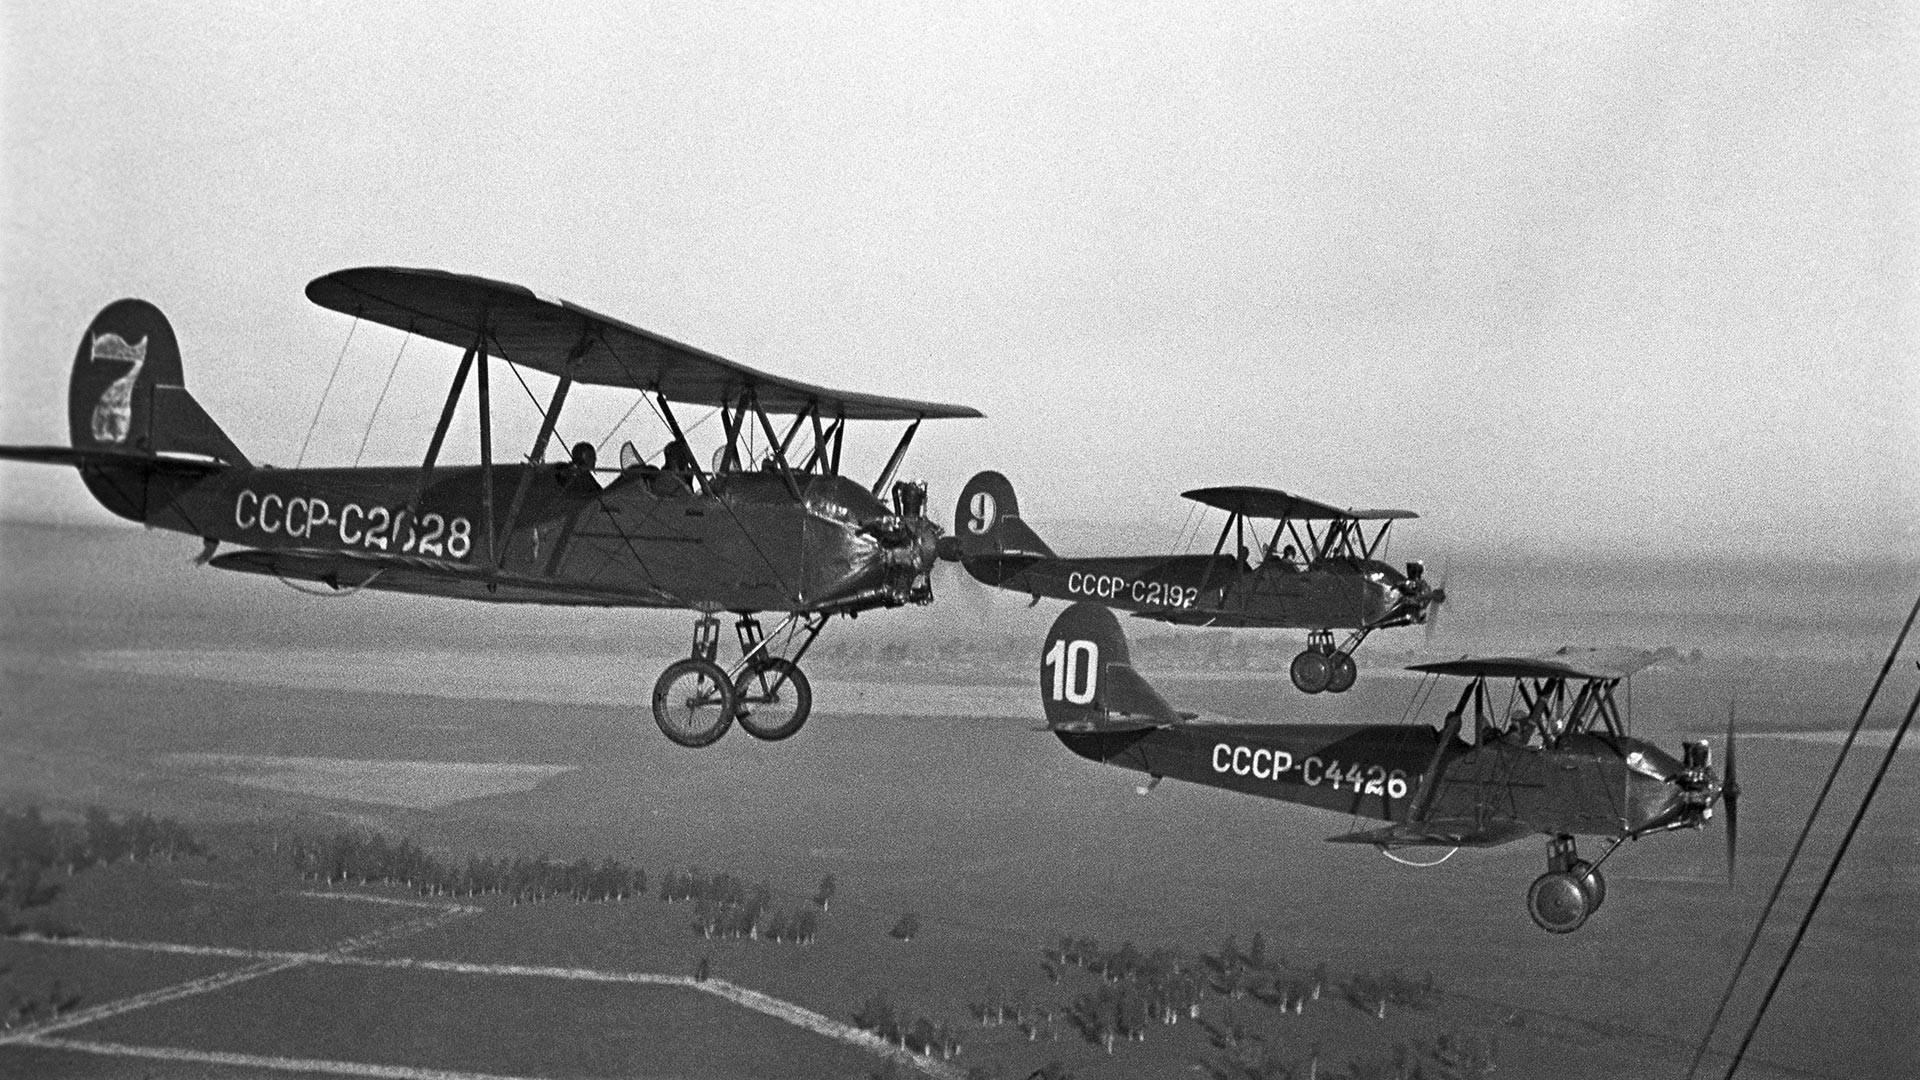 Град Горки (данас Нижњи Новгород), аеро-клуб, 1940. У ваздуху су вежбовни авиони У-2.